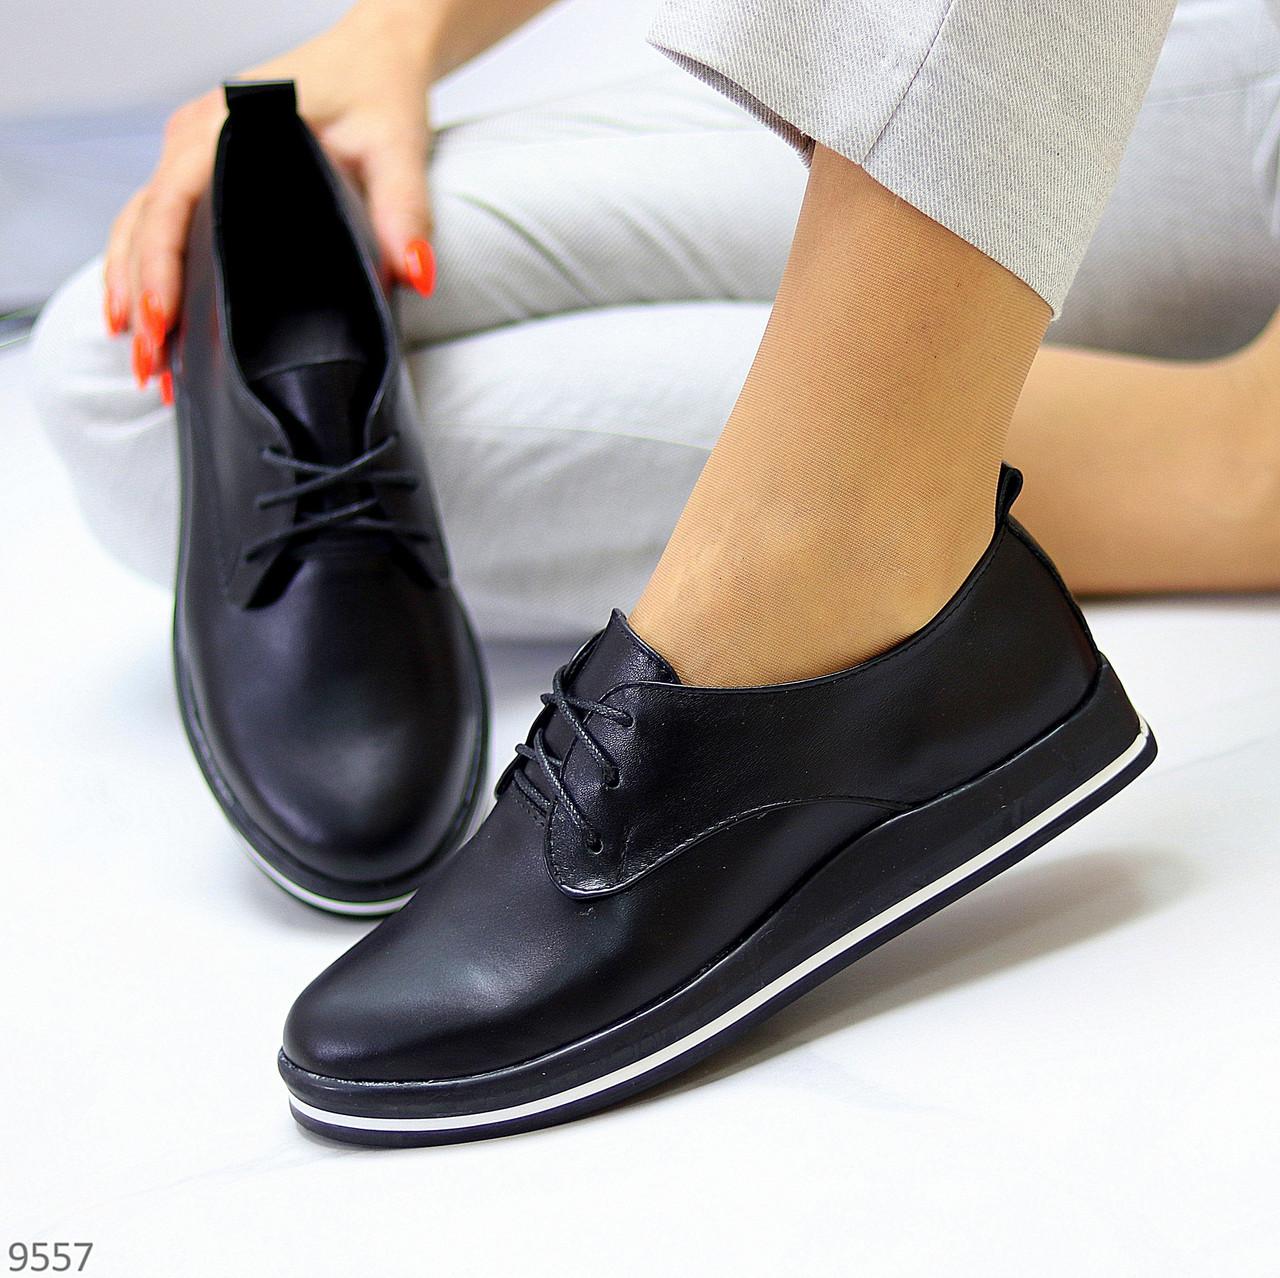 Женские туфли черные на шнурках натуральная кожа